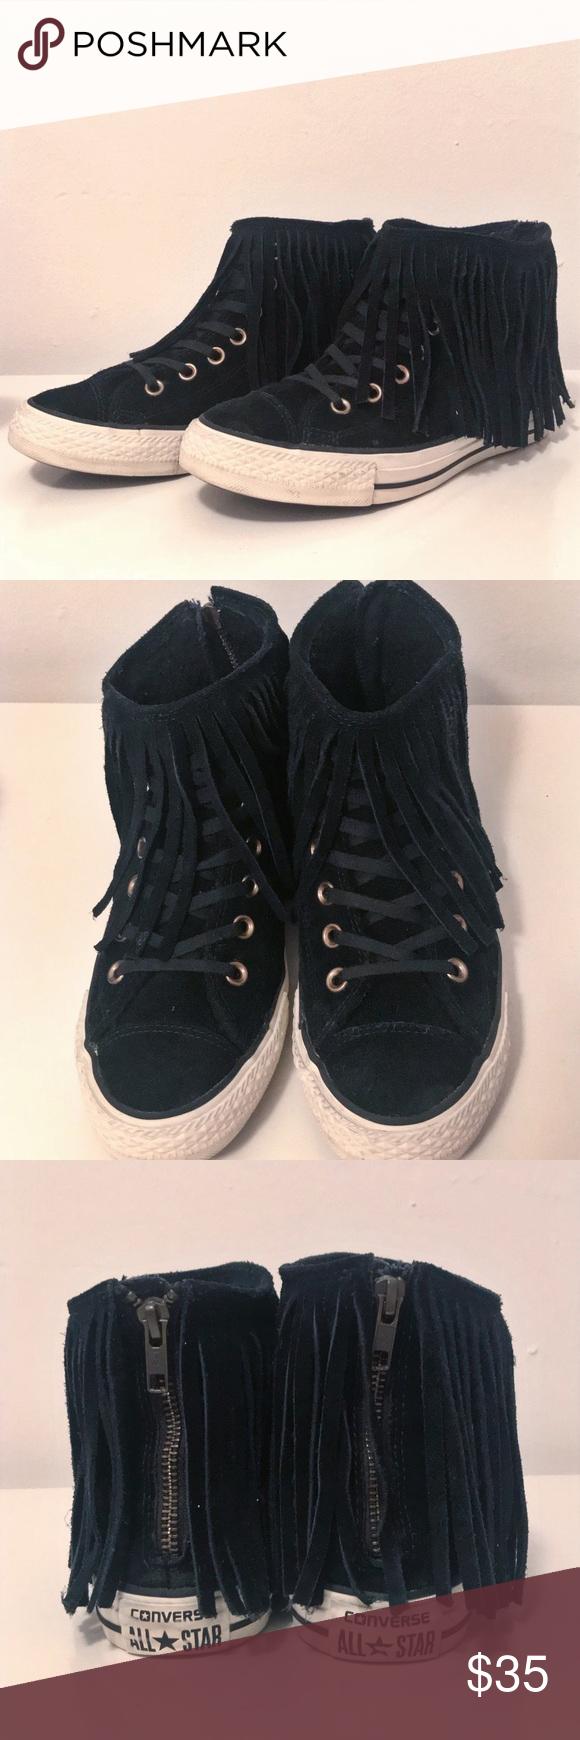 b704e07a5745e7 Converse Shoes